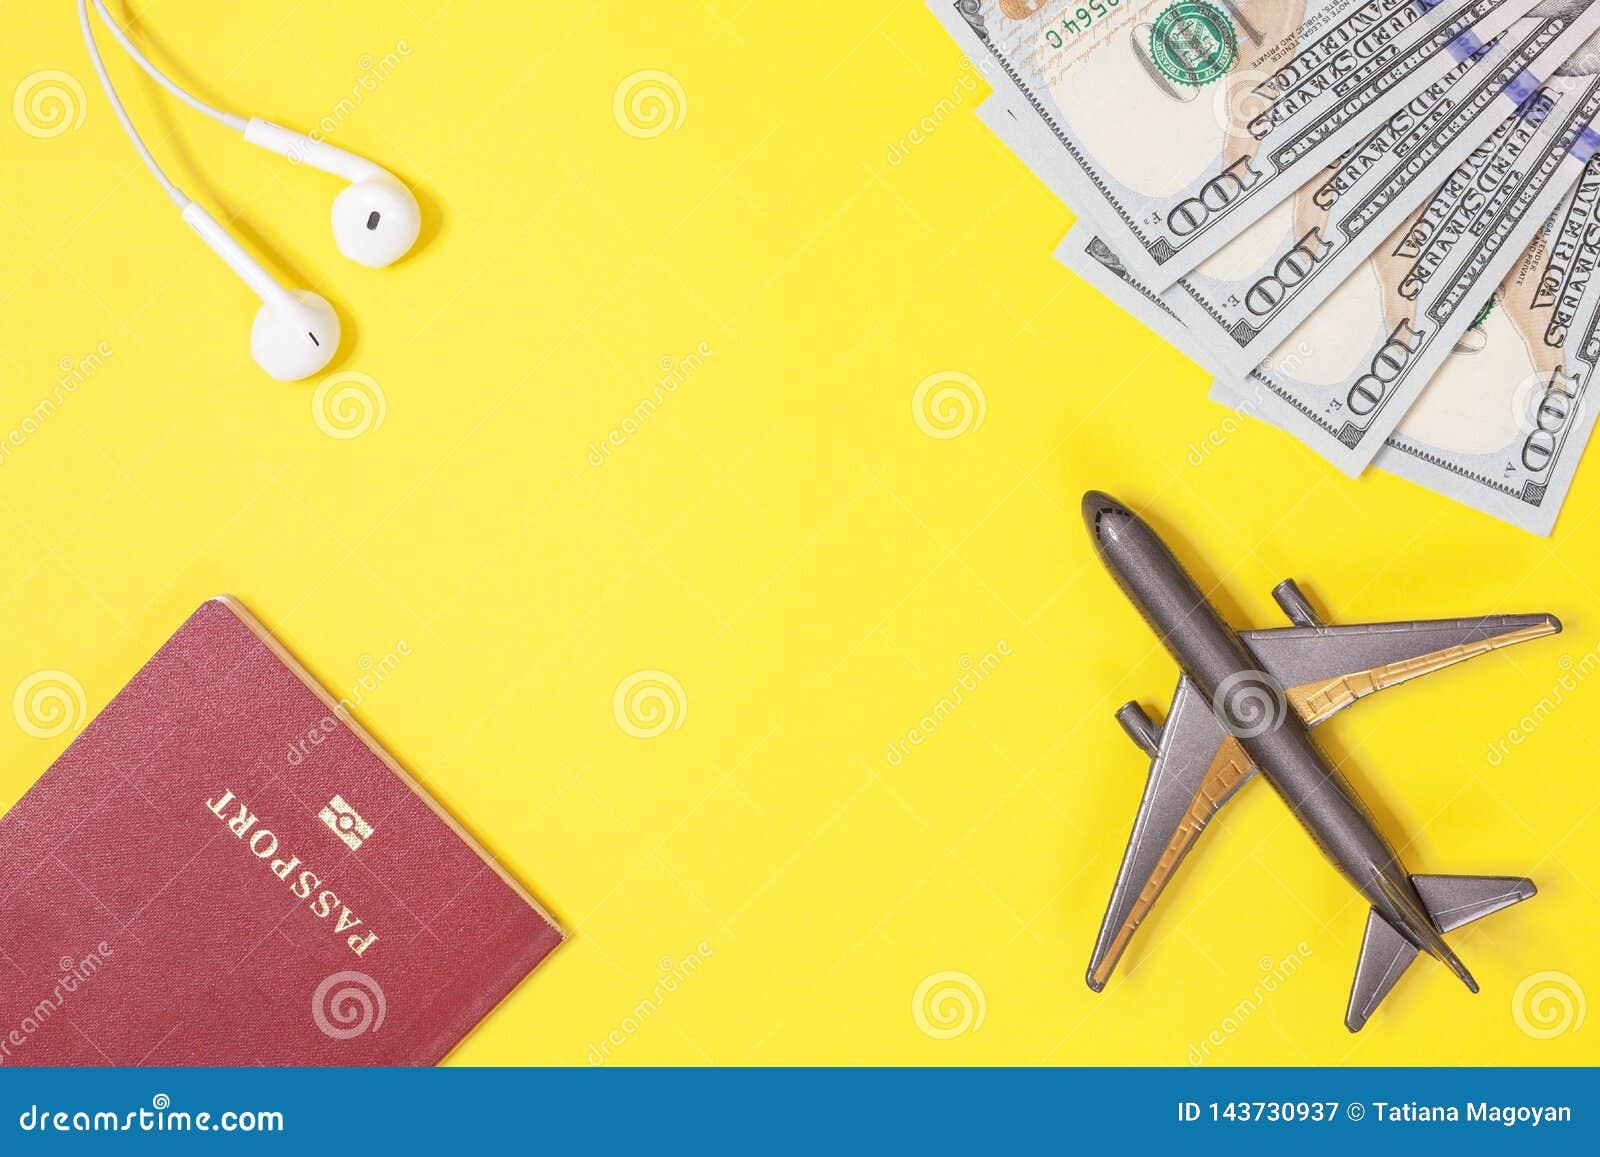 100 долларовых банкнот, самолет, наушники, чужой паспорт на яркой желтой бумажной предпосылке скопируйте космос